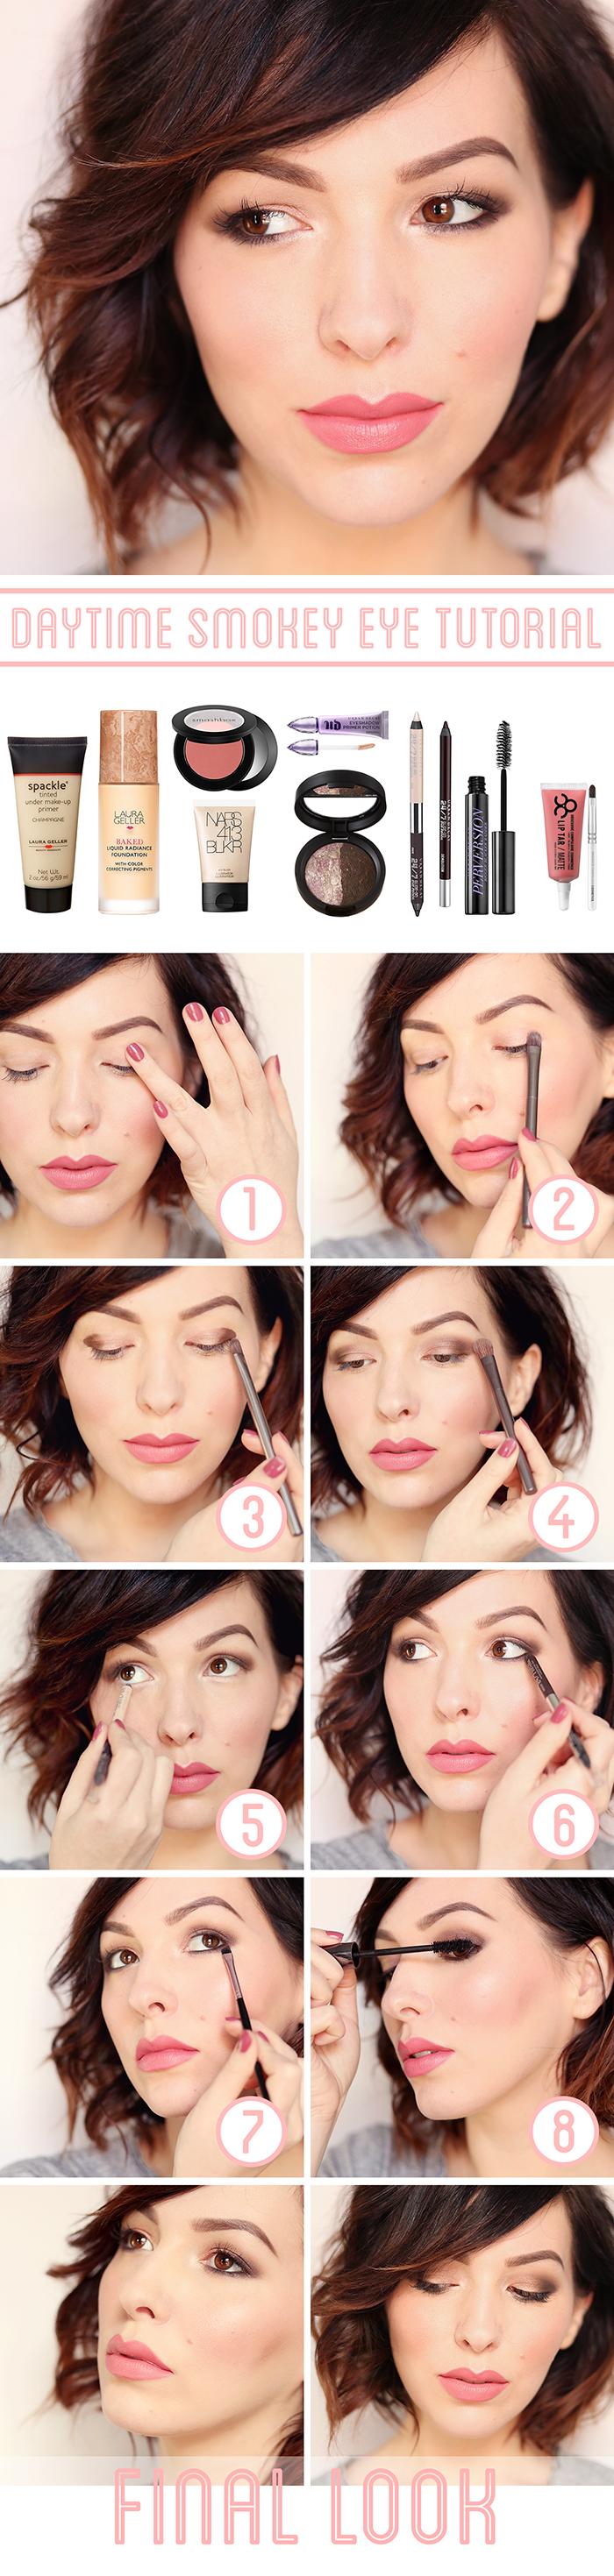 Daytime smokey eye tutorial